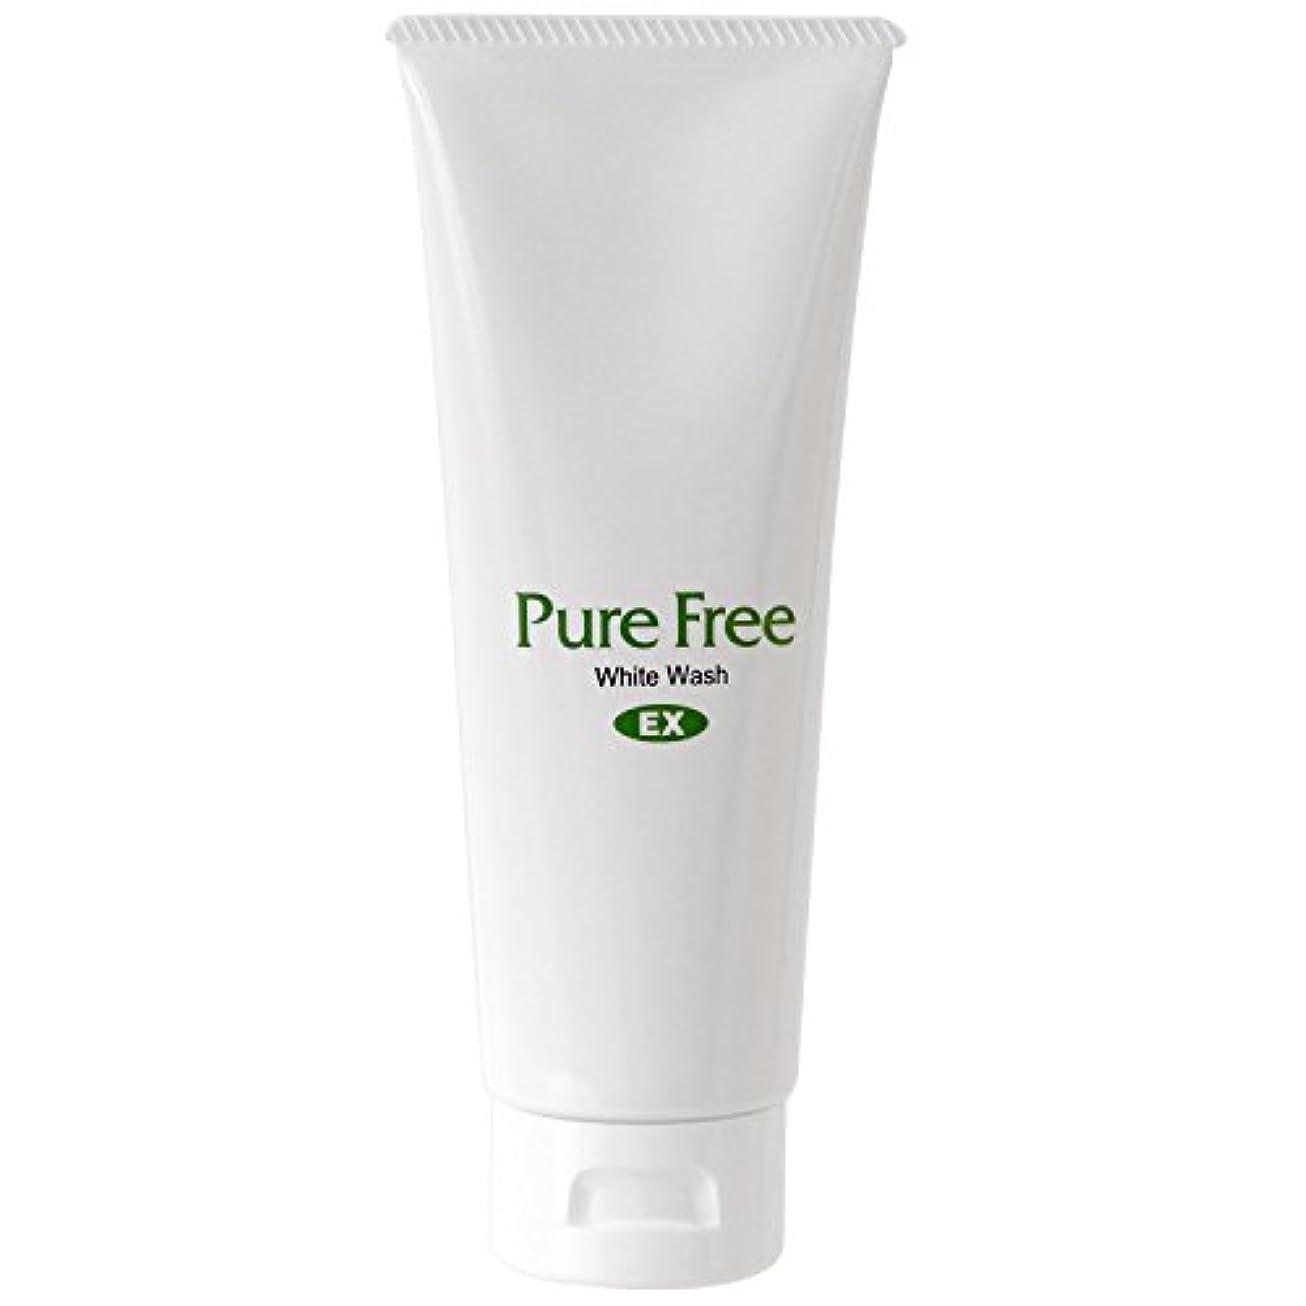 レジデンス広範囲万歳Pure Free (ピュアフリー) ホワイトウォッシュEX オーガニック 正規品 洗顔料 (サンプル用意あり)